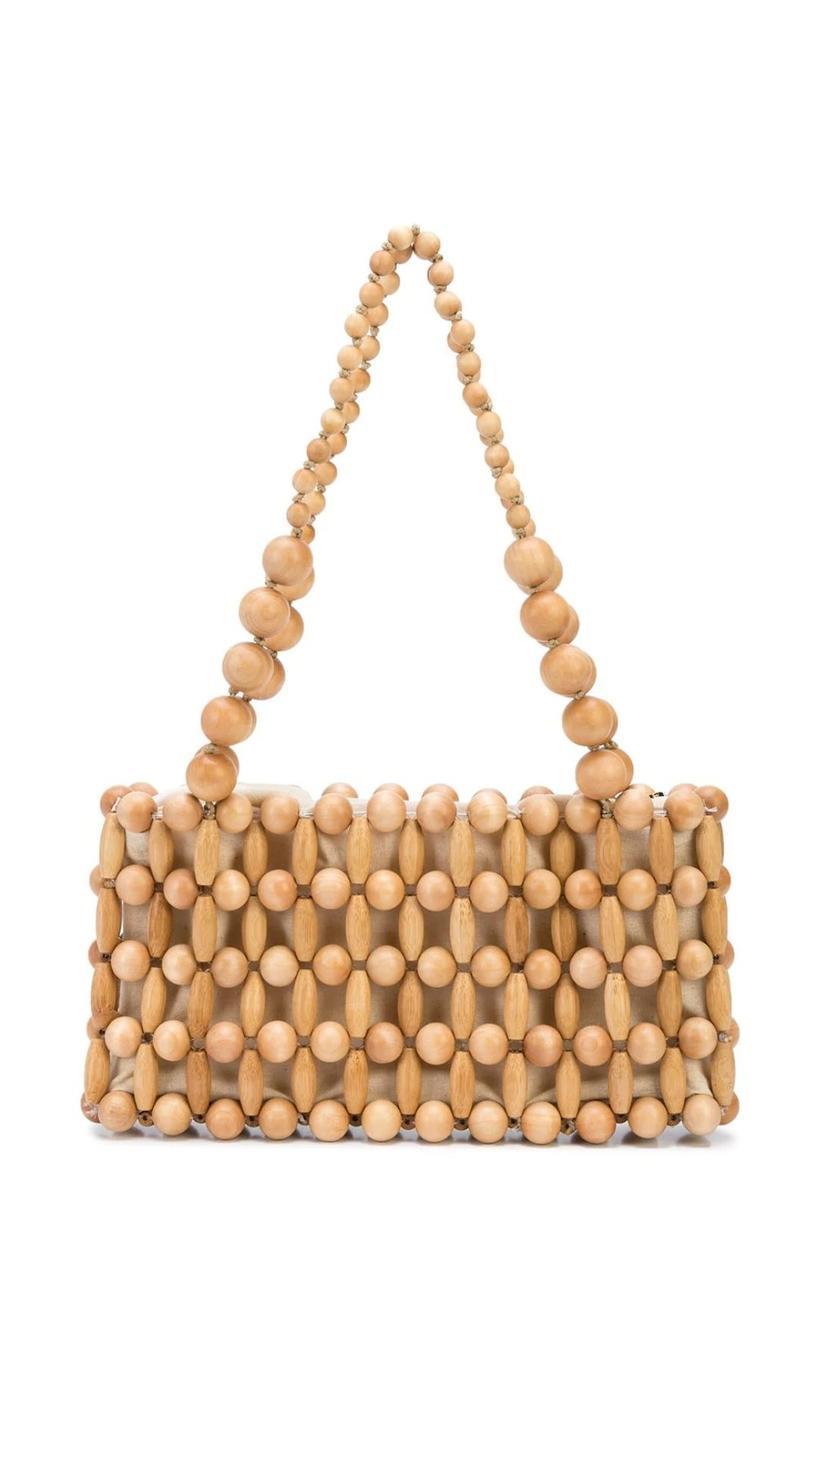 Summer bags, Beach Bags, Tote bags, Picnic bags, Belt Bags, Waist bags, Bucket bags, Waist bags, Picnic bags